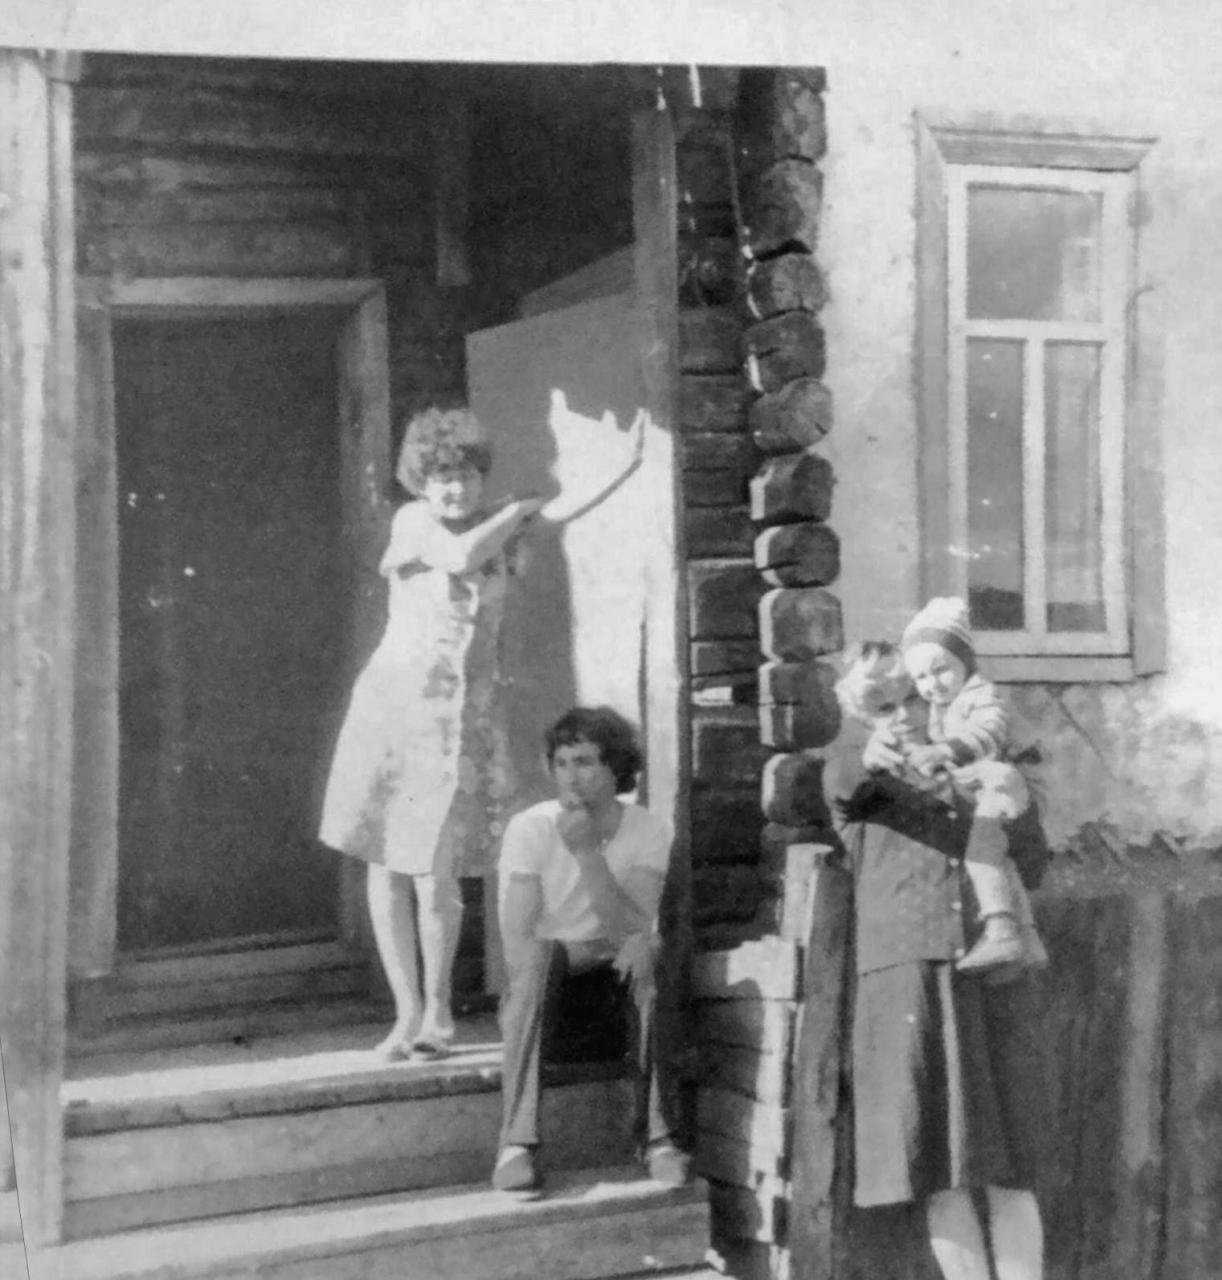 Посёлок Горняцкий. В этом бараке жили мои родители. когда приехали в посёлок. Фото от Юлии Ильиной.